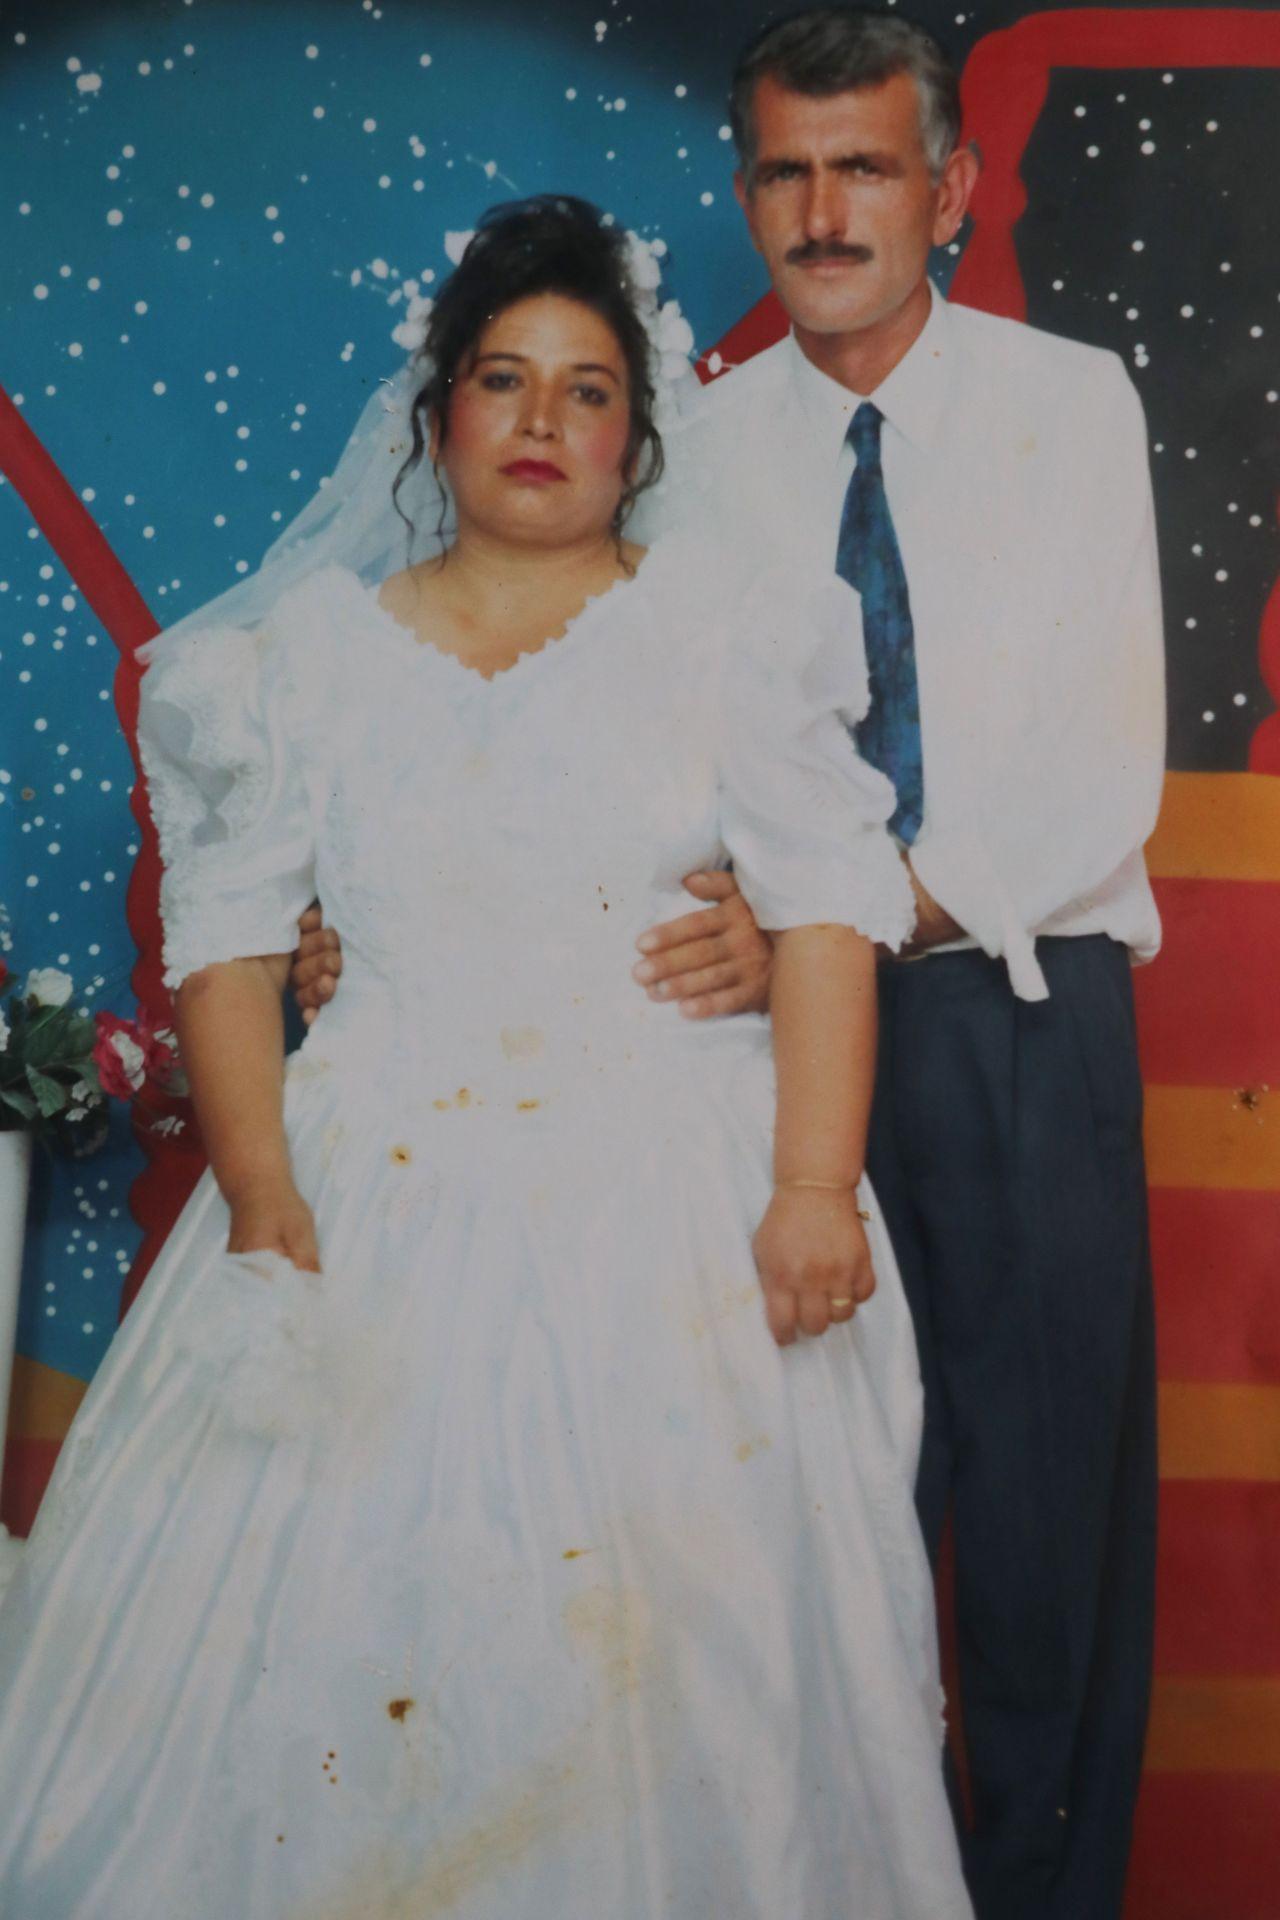 Balıkesirli balıkçı 37 yıldır boşanmaya çalışıyor! - Sayfa 3